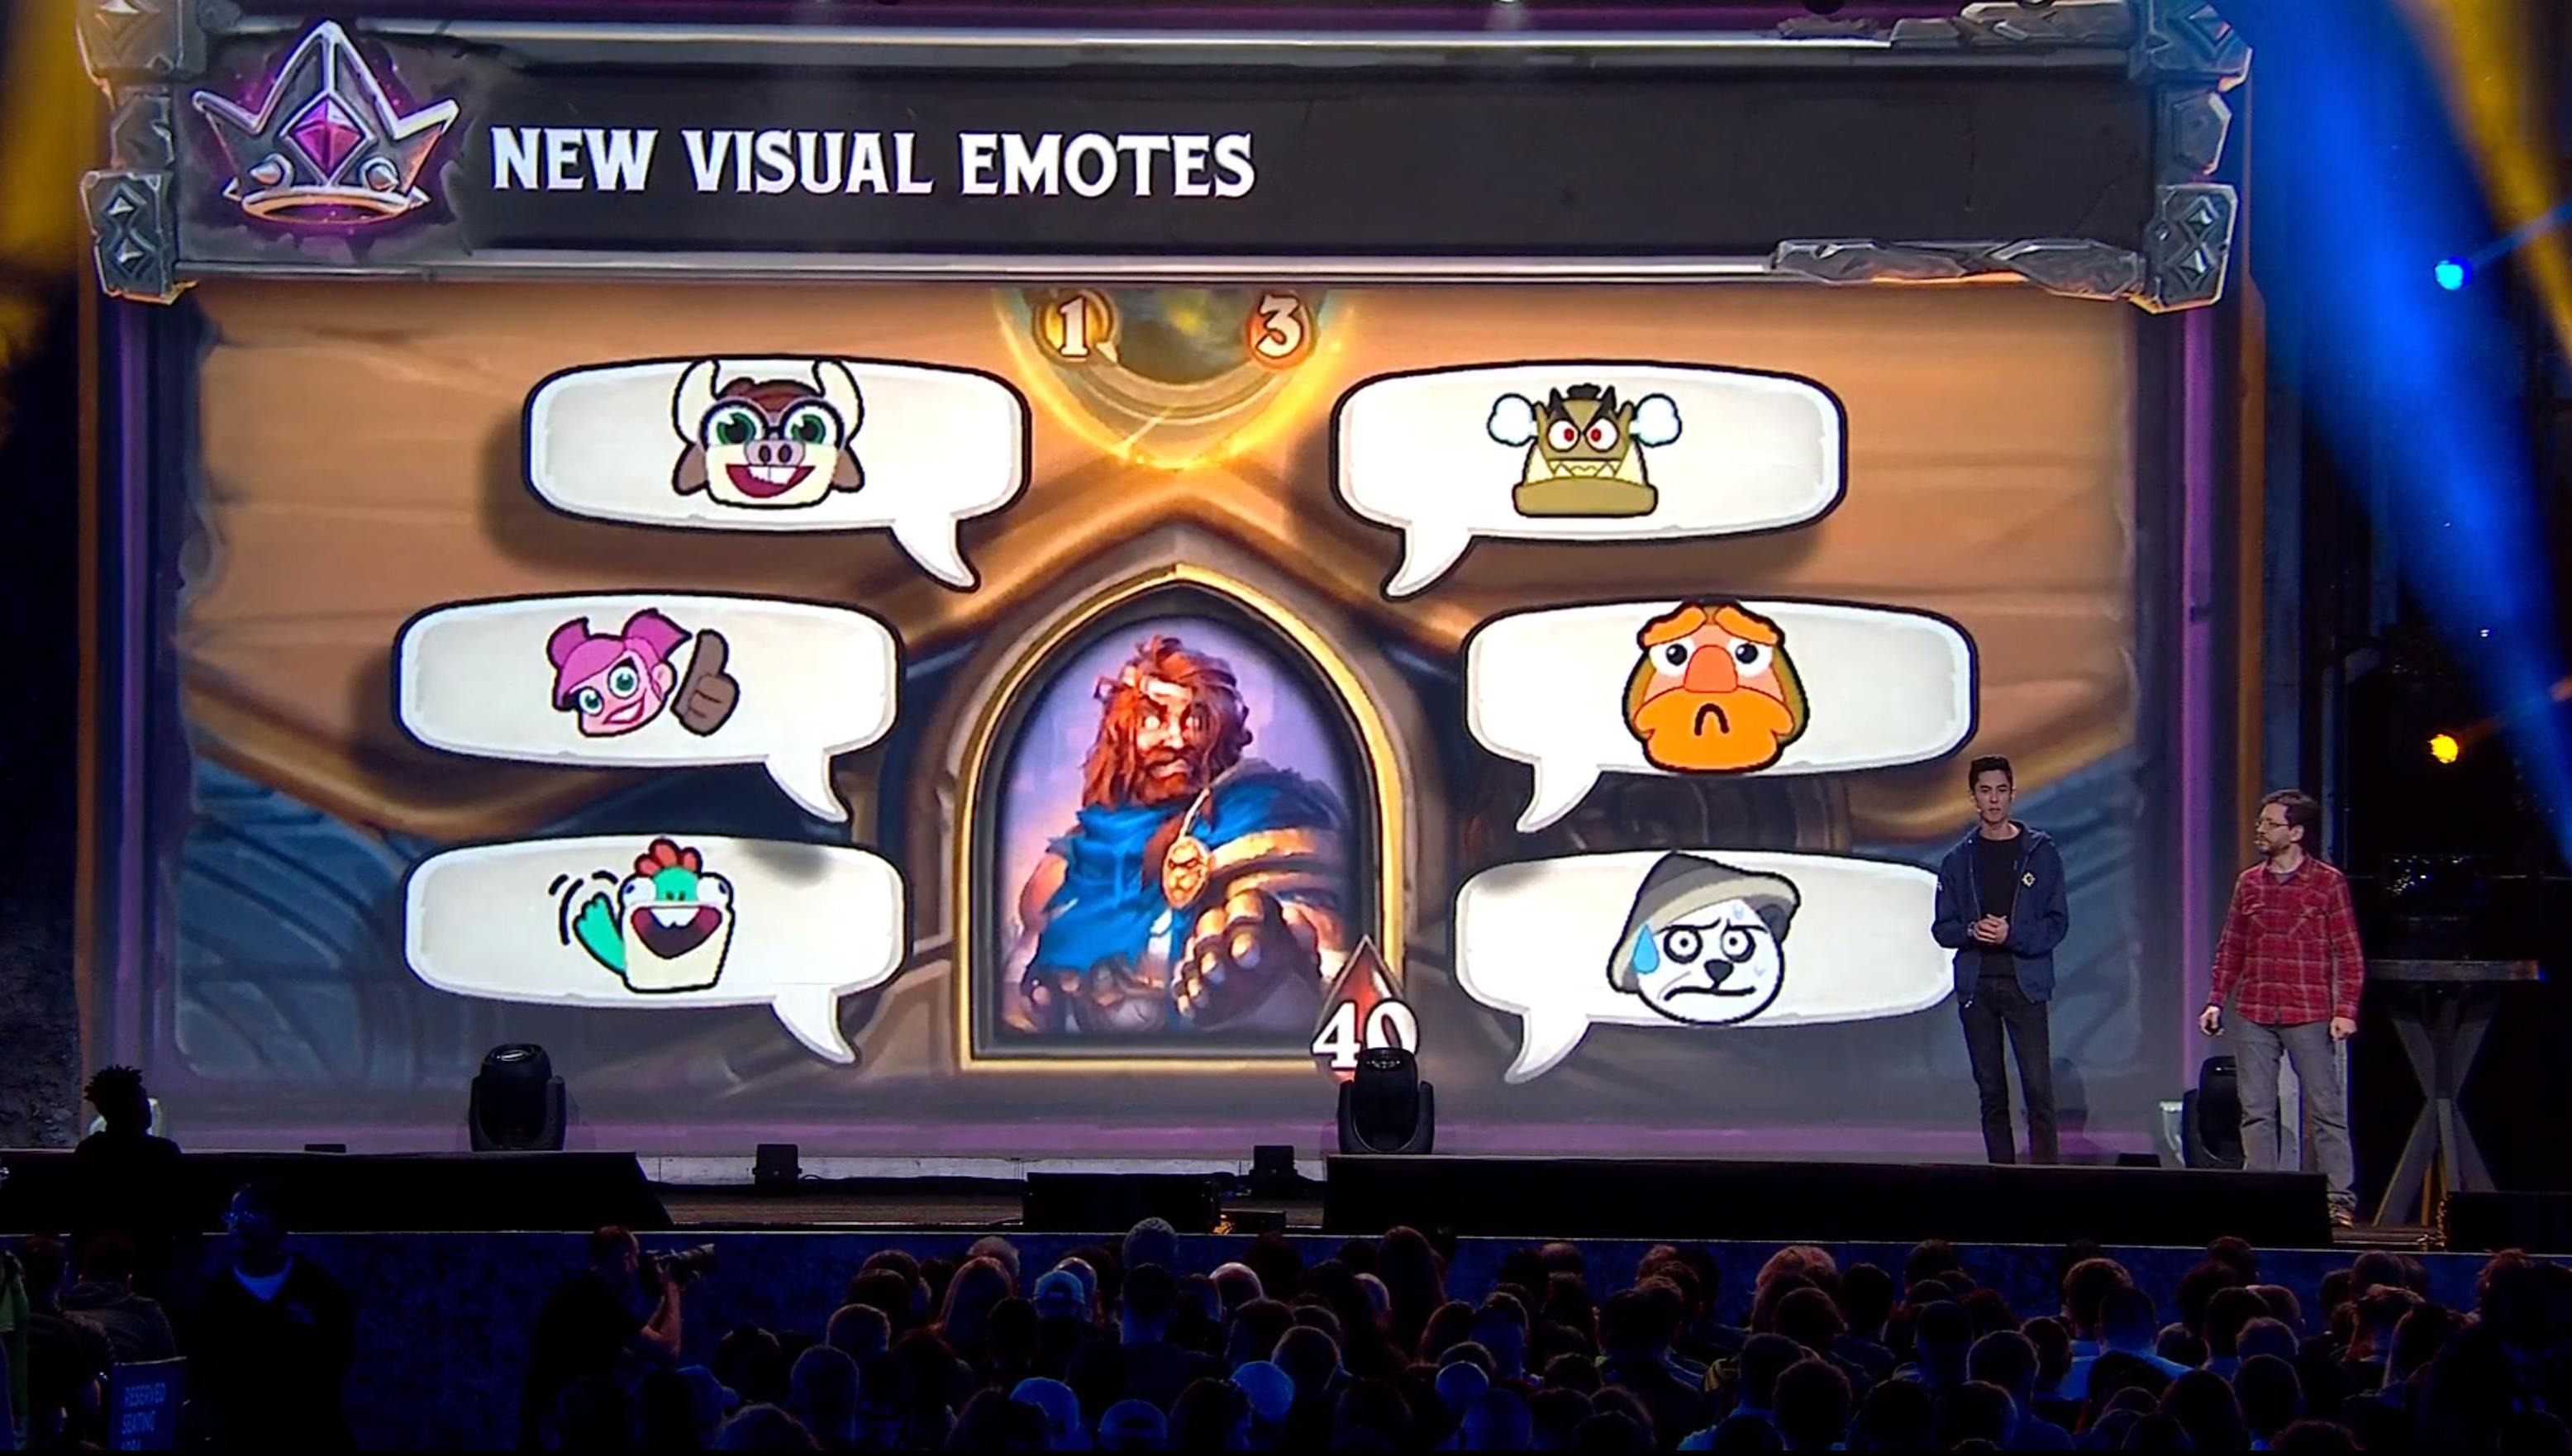 Emotes